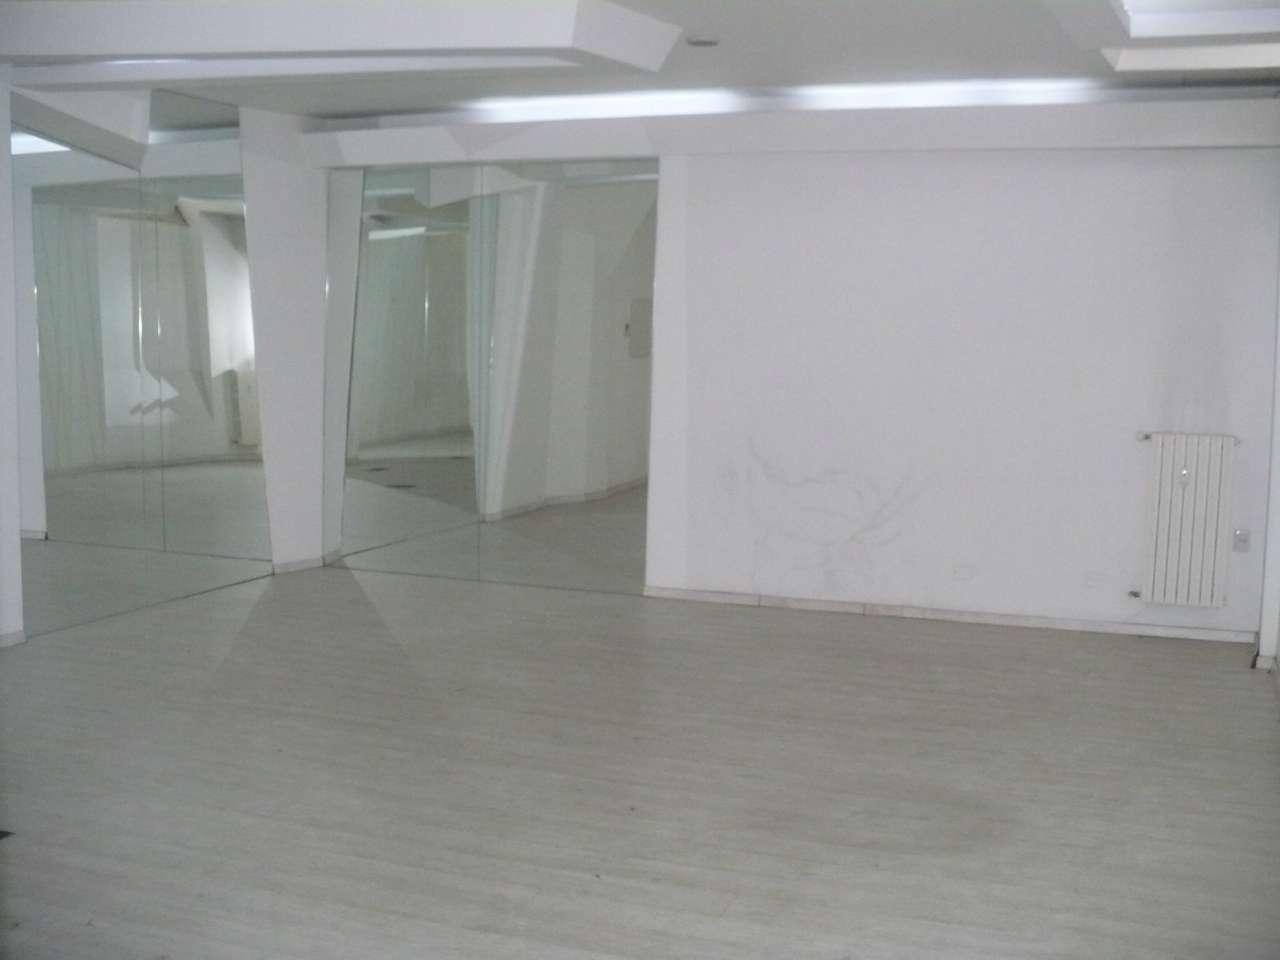 Laboratorio in Vendita a Milano 01 Centro storico (Cerchia dei Navigli): 2 locali, 97 mq